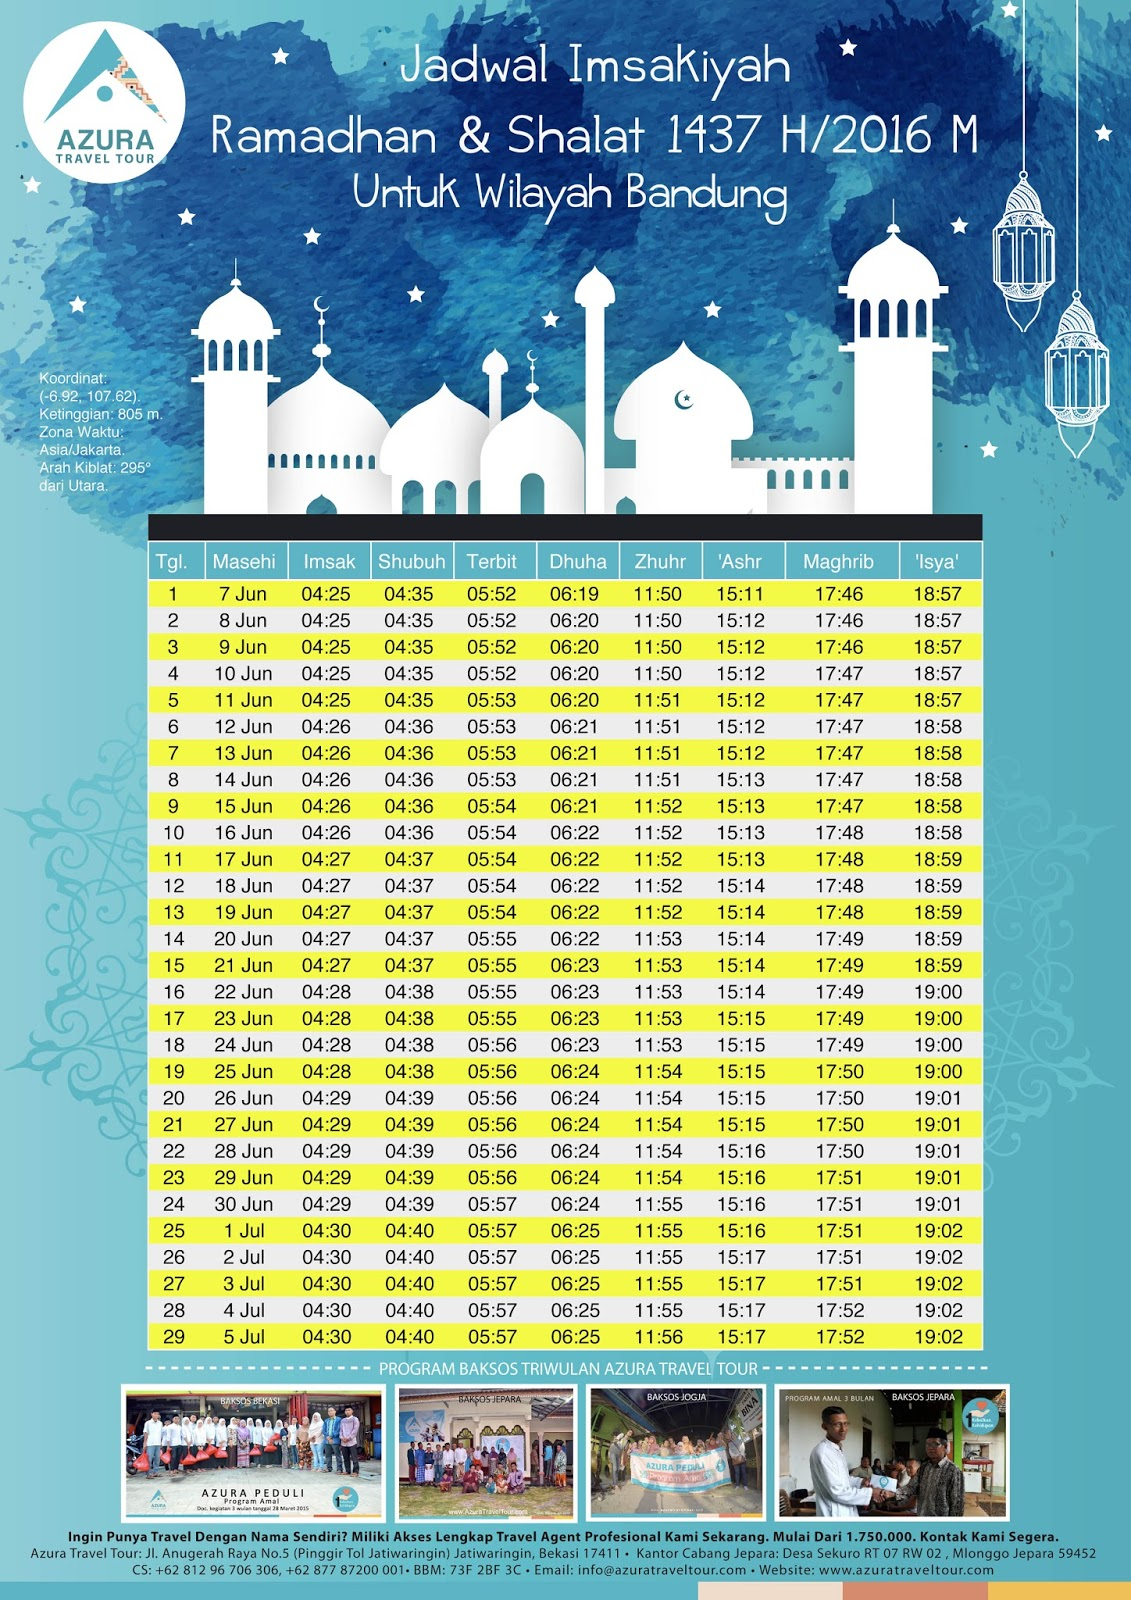 Jadwal Imsyakiah dan Sholat Tahun 2016-2017